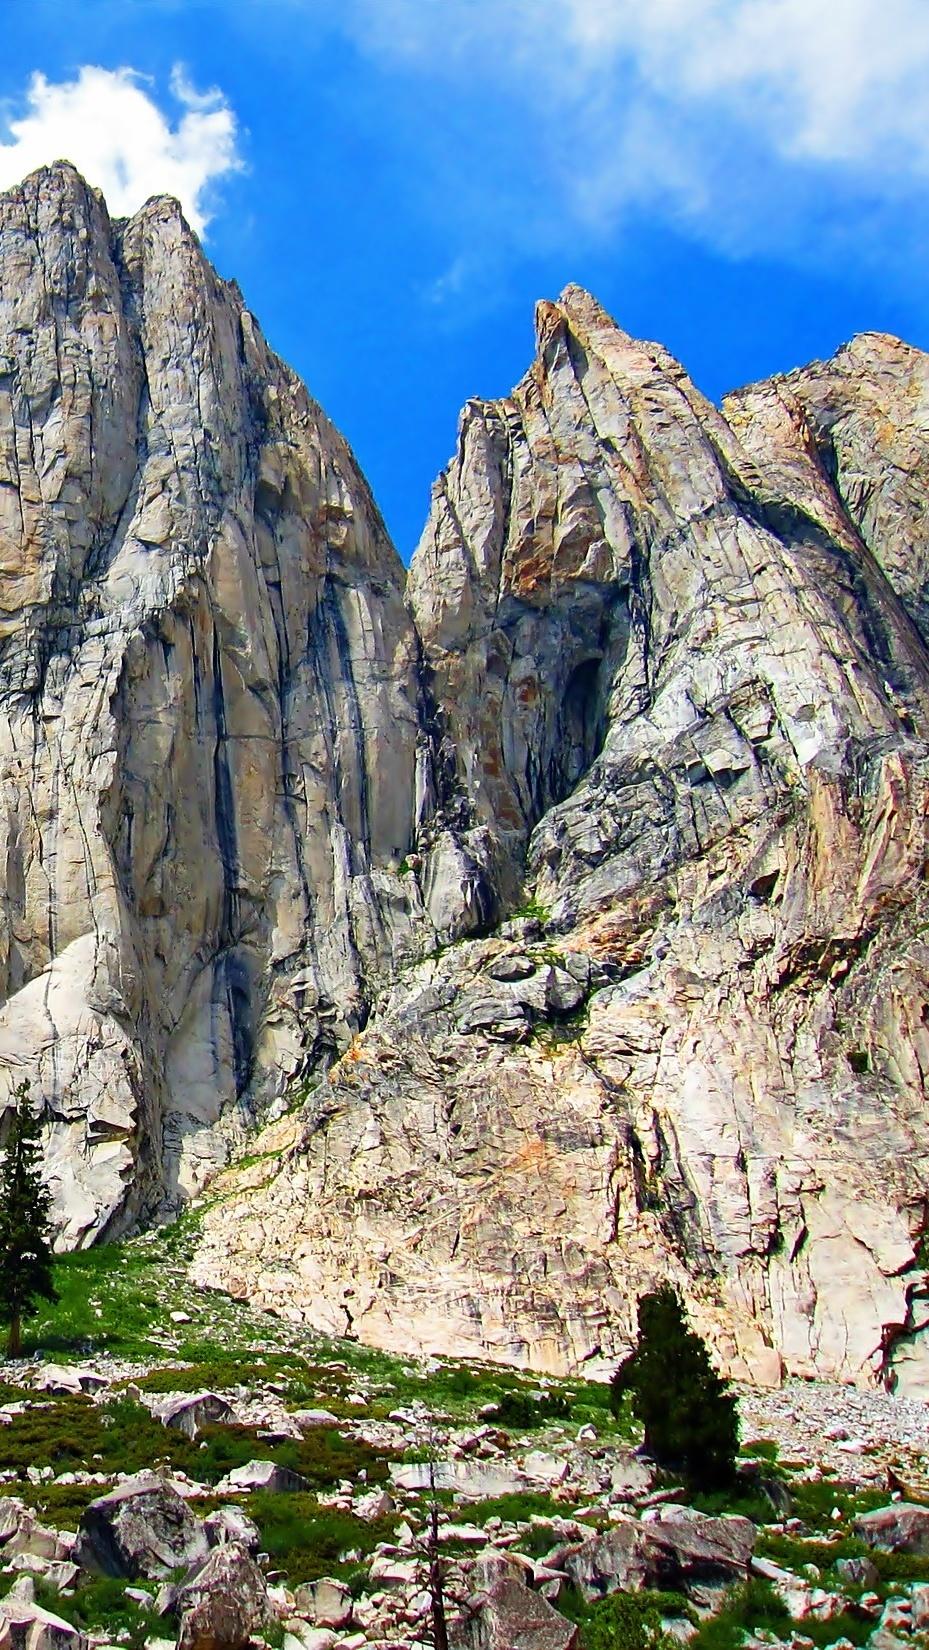 Potężne skały w Kalifornii